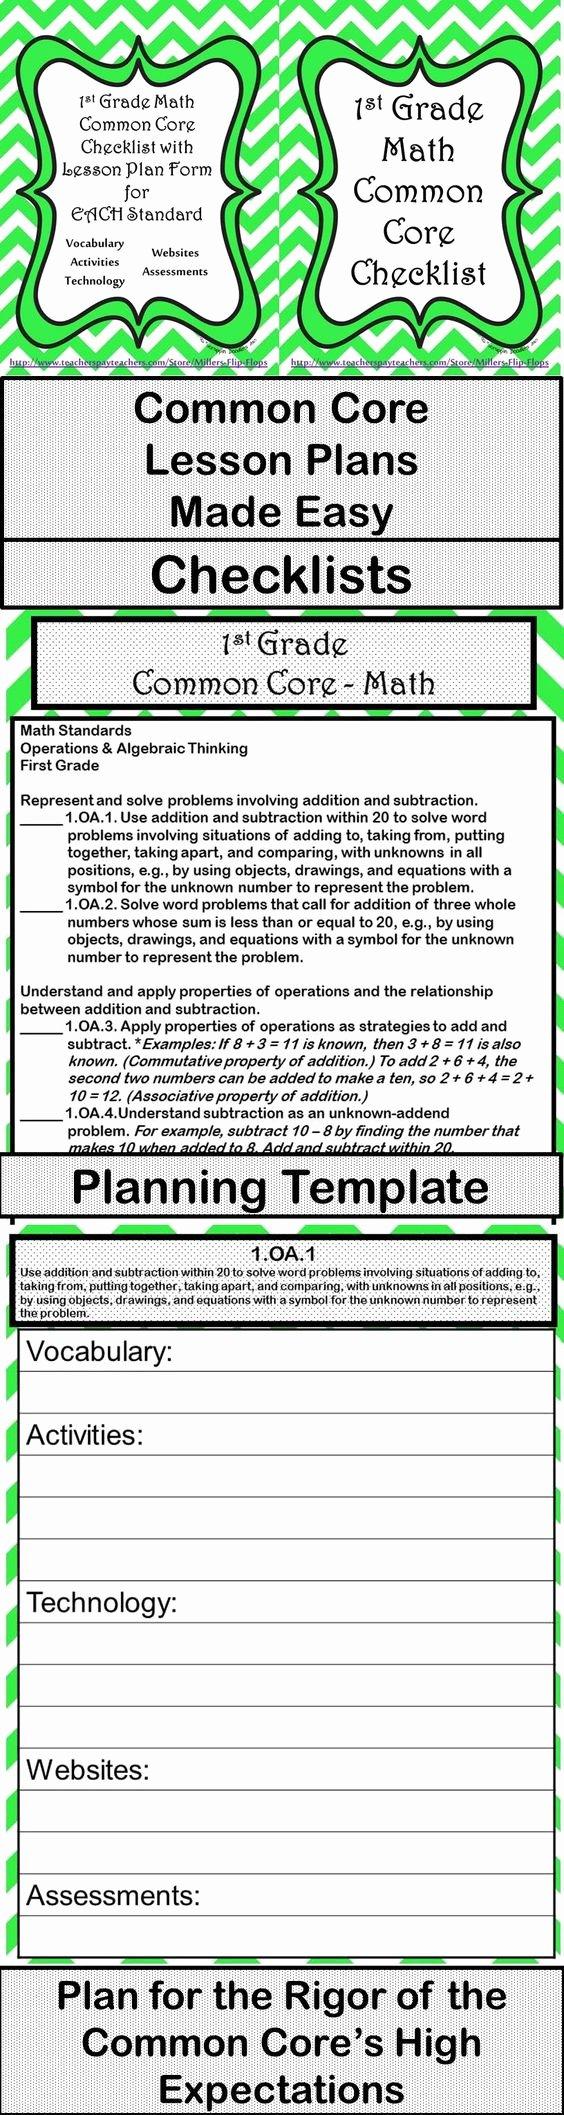 Common Core Lesson Plan Template Beautiful 1st Grade Math Mon Core Checklist Lesson Planning